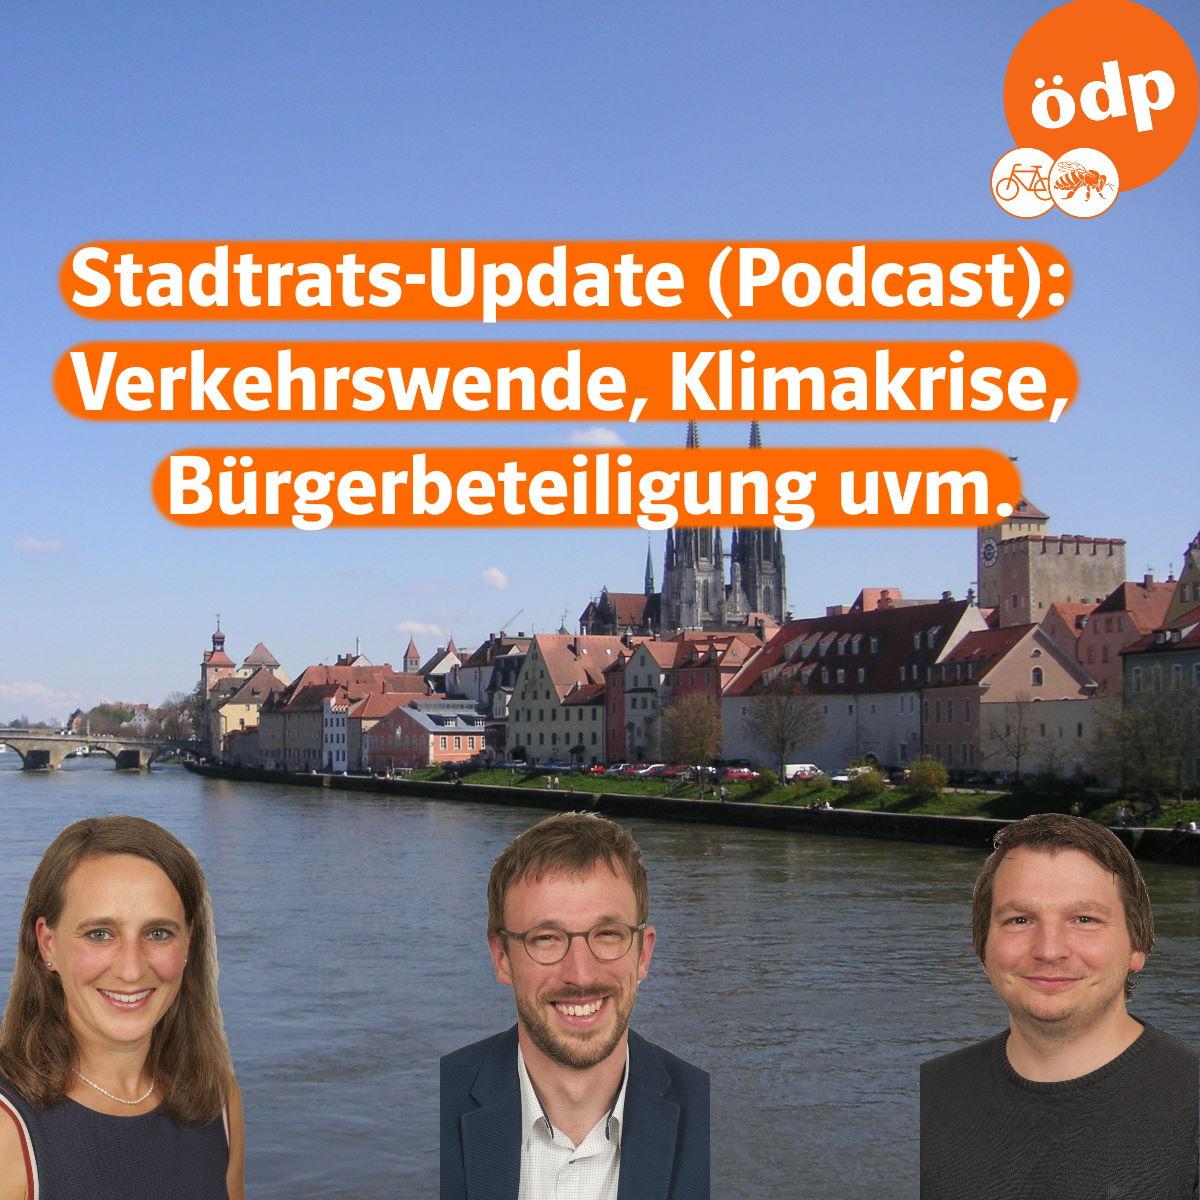 Stadtrats-Update Podcast: Verkehrswende, Klimakrise, Bürgerbeteiligung mit Astrid Lamby, Benedikt Suttner, Robert Fischer aus Regensburg